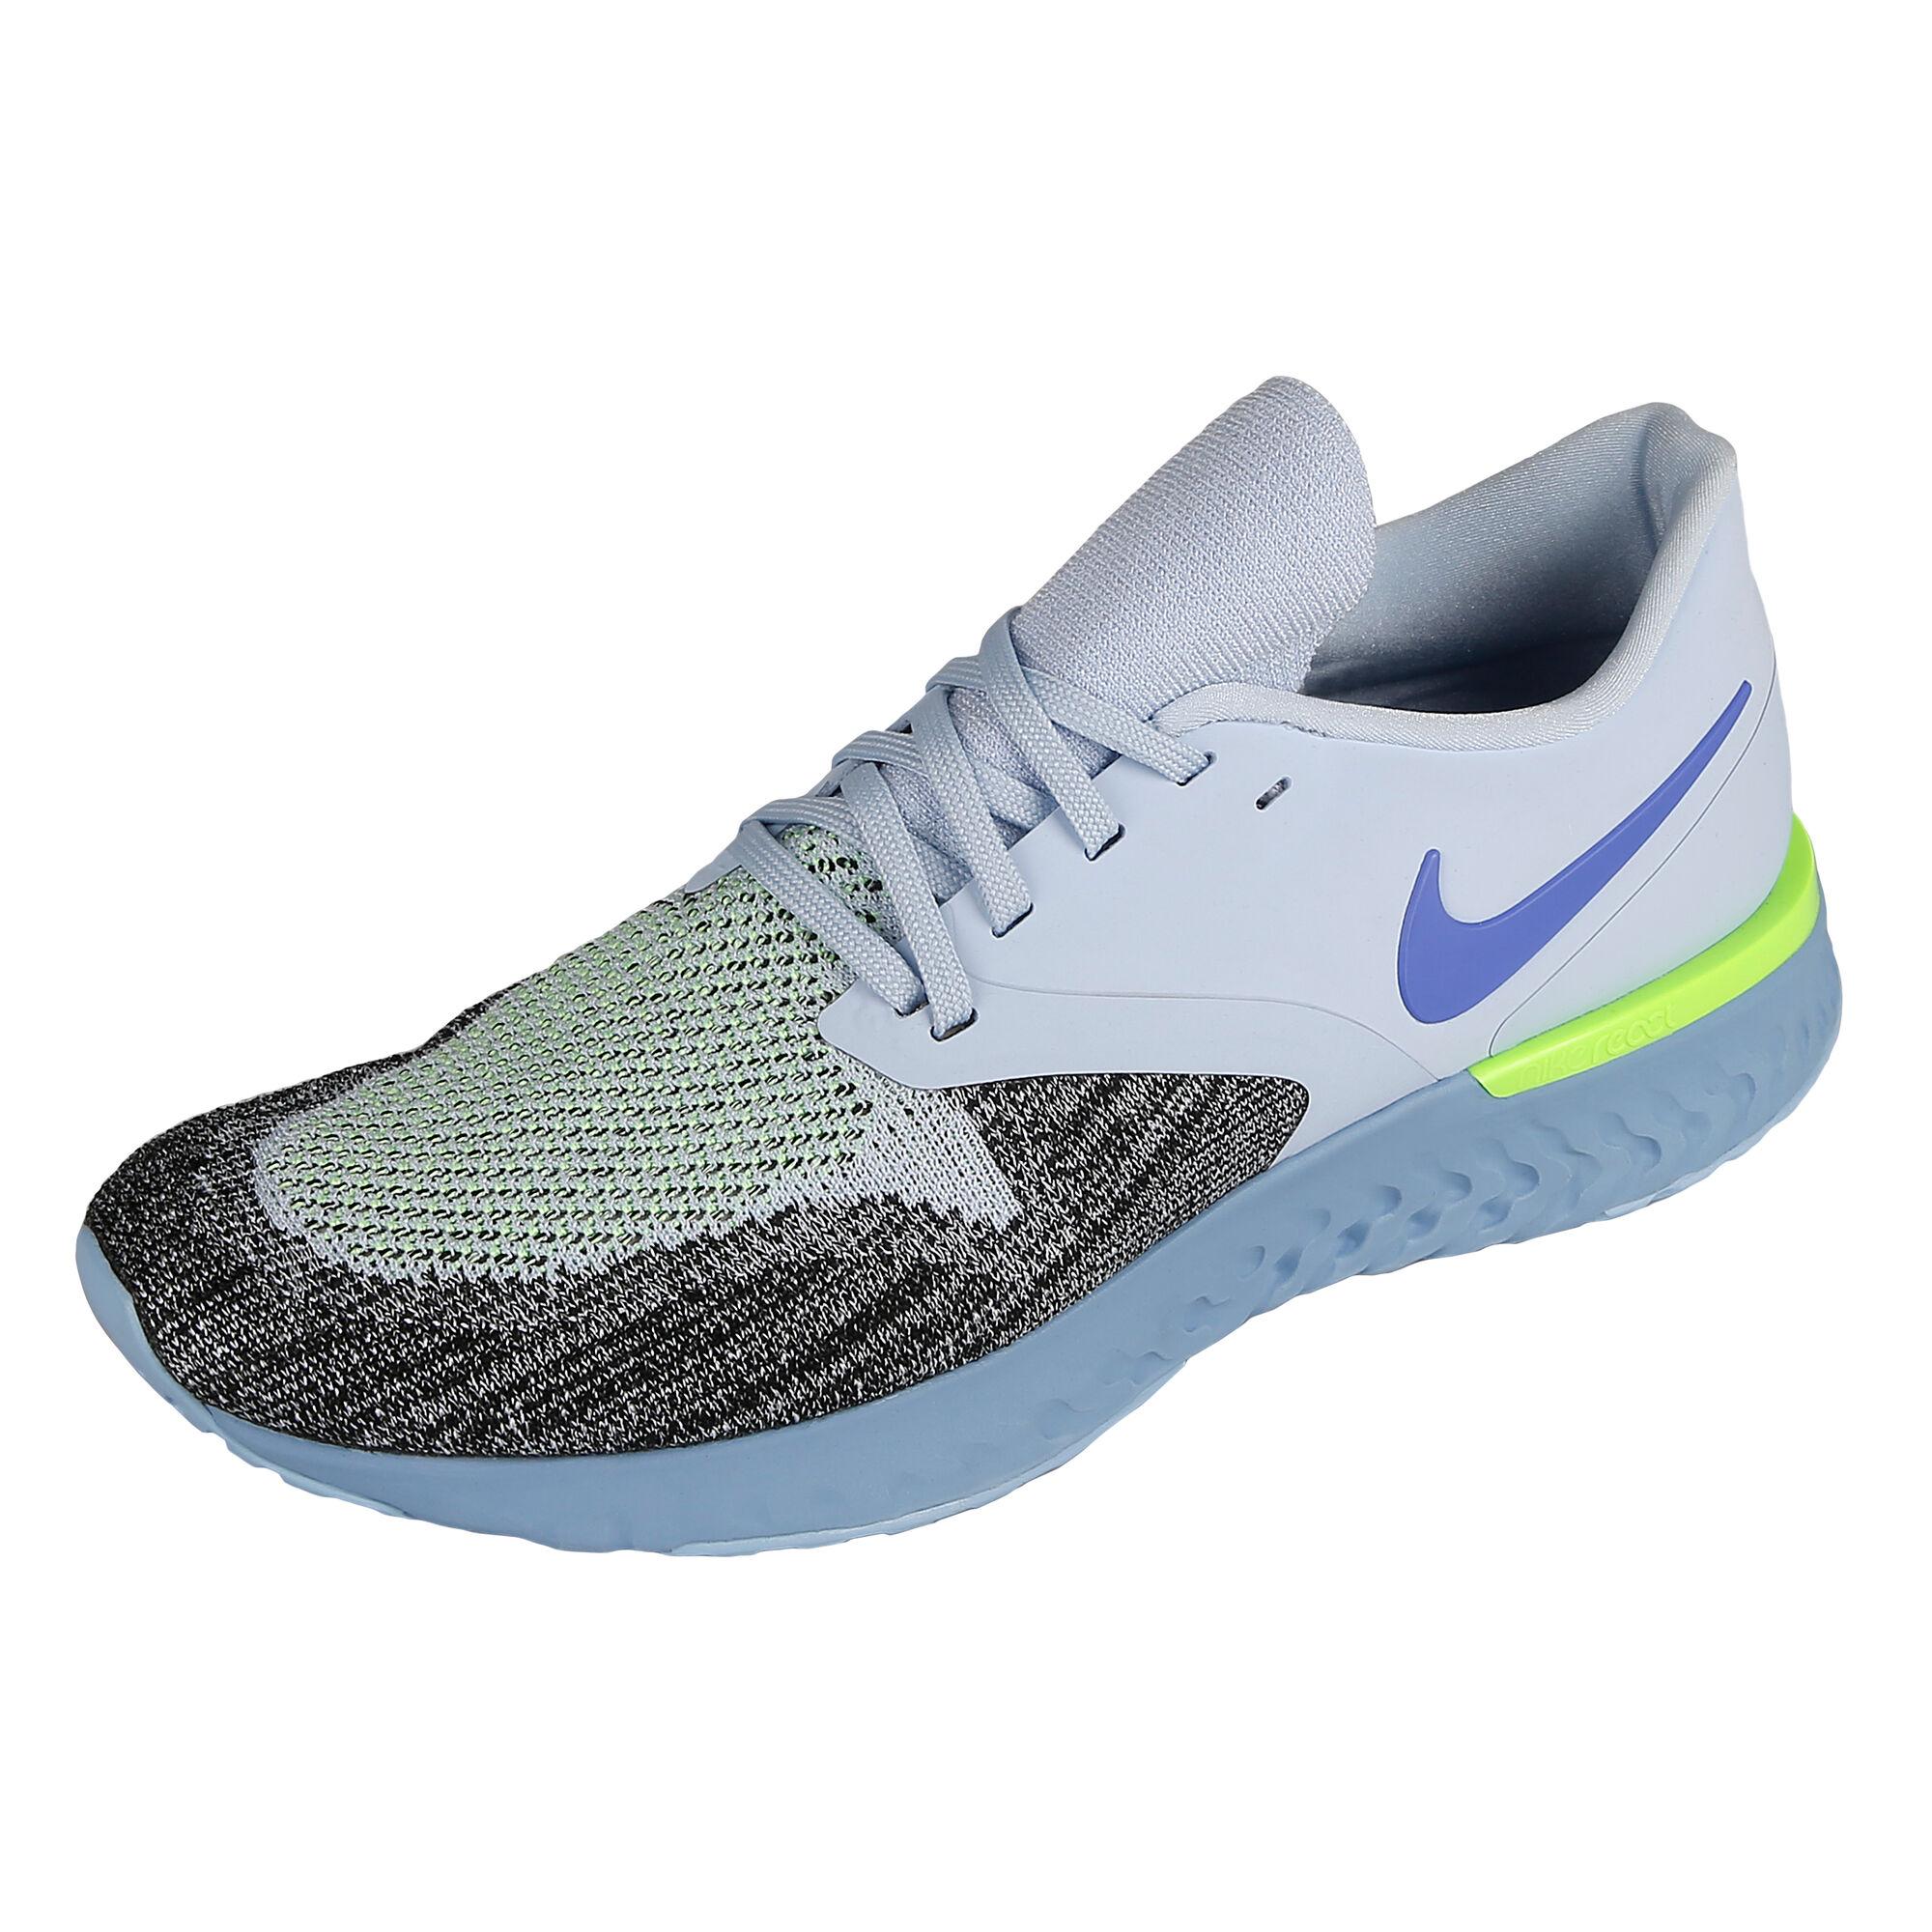 741f35bbacb2 Nike  Nike  Nike  Nike  Nike  Nike  Nike  Nike. Odyssey React 2 Flyknit ...